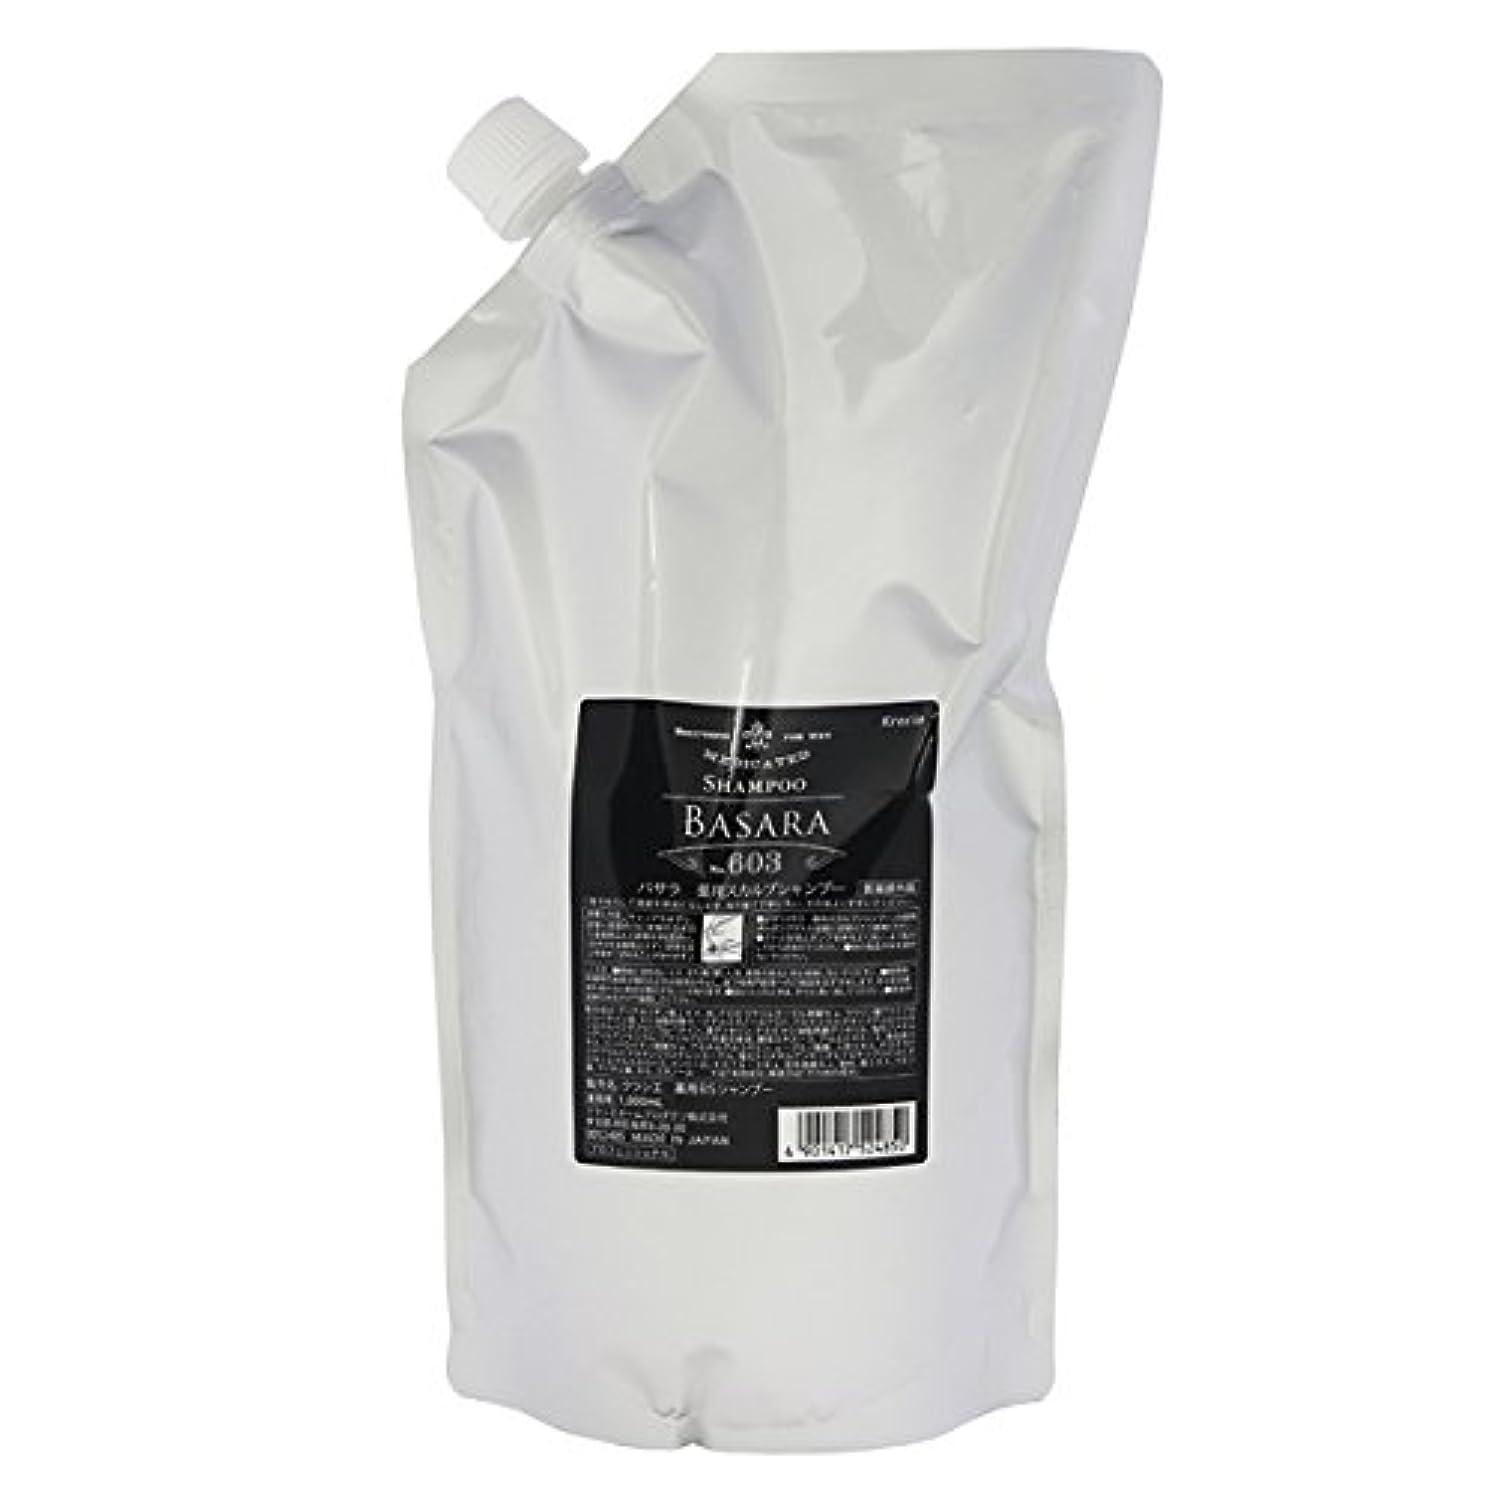 成長スキルセレナクラシエ バサラ 薬用スカルプ シャンプー 603 1000ml レフィル